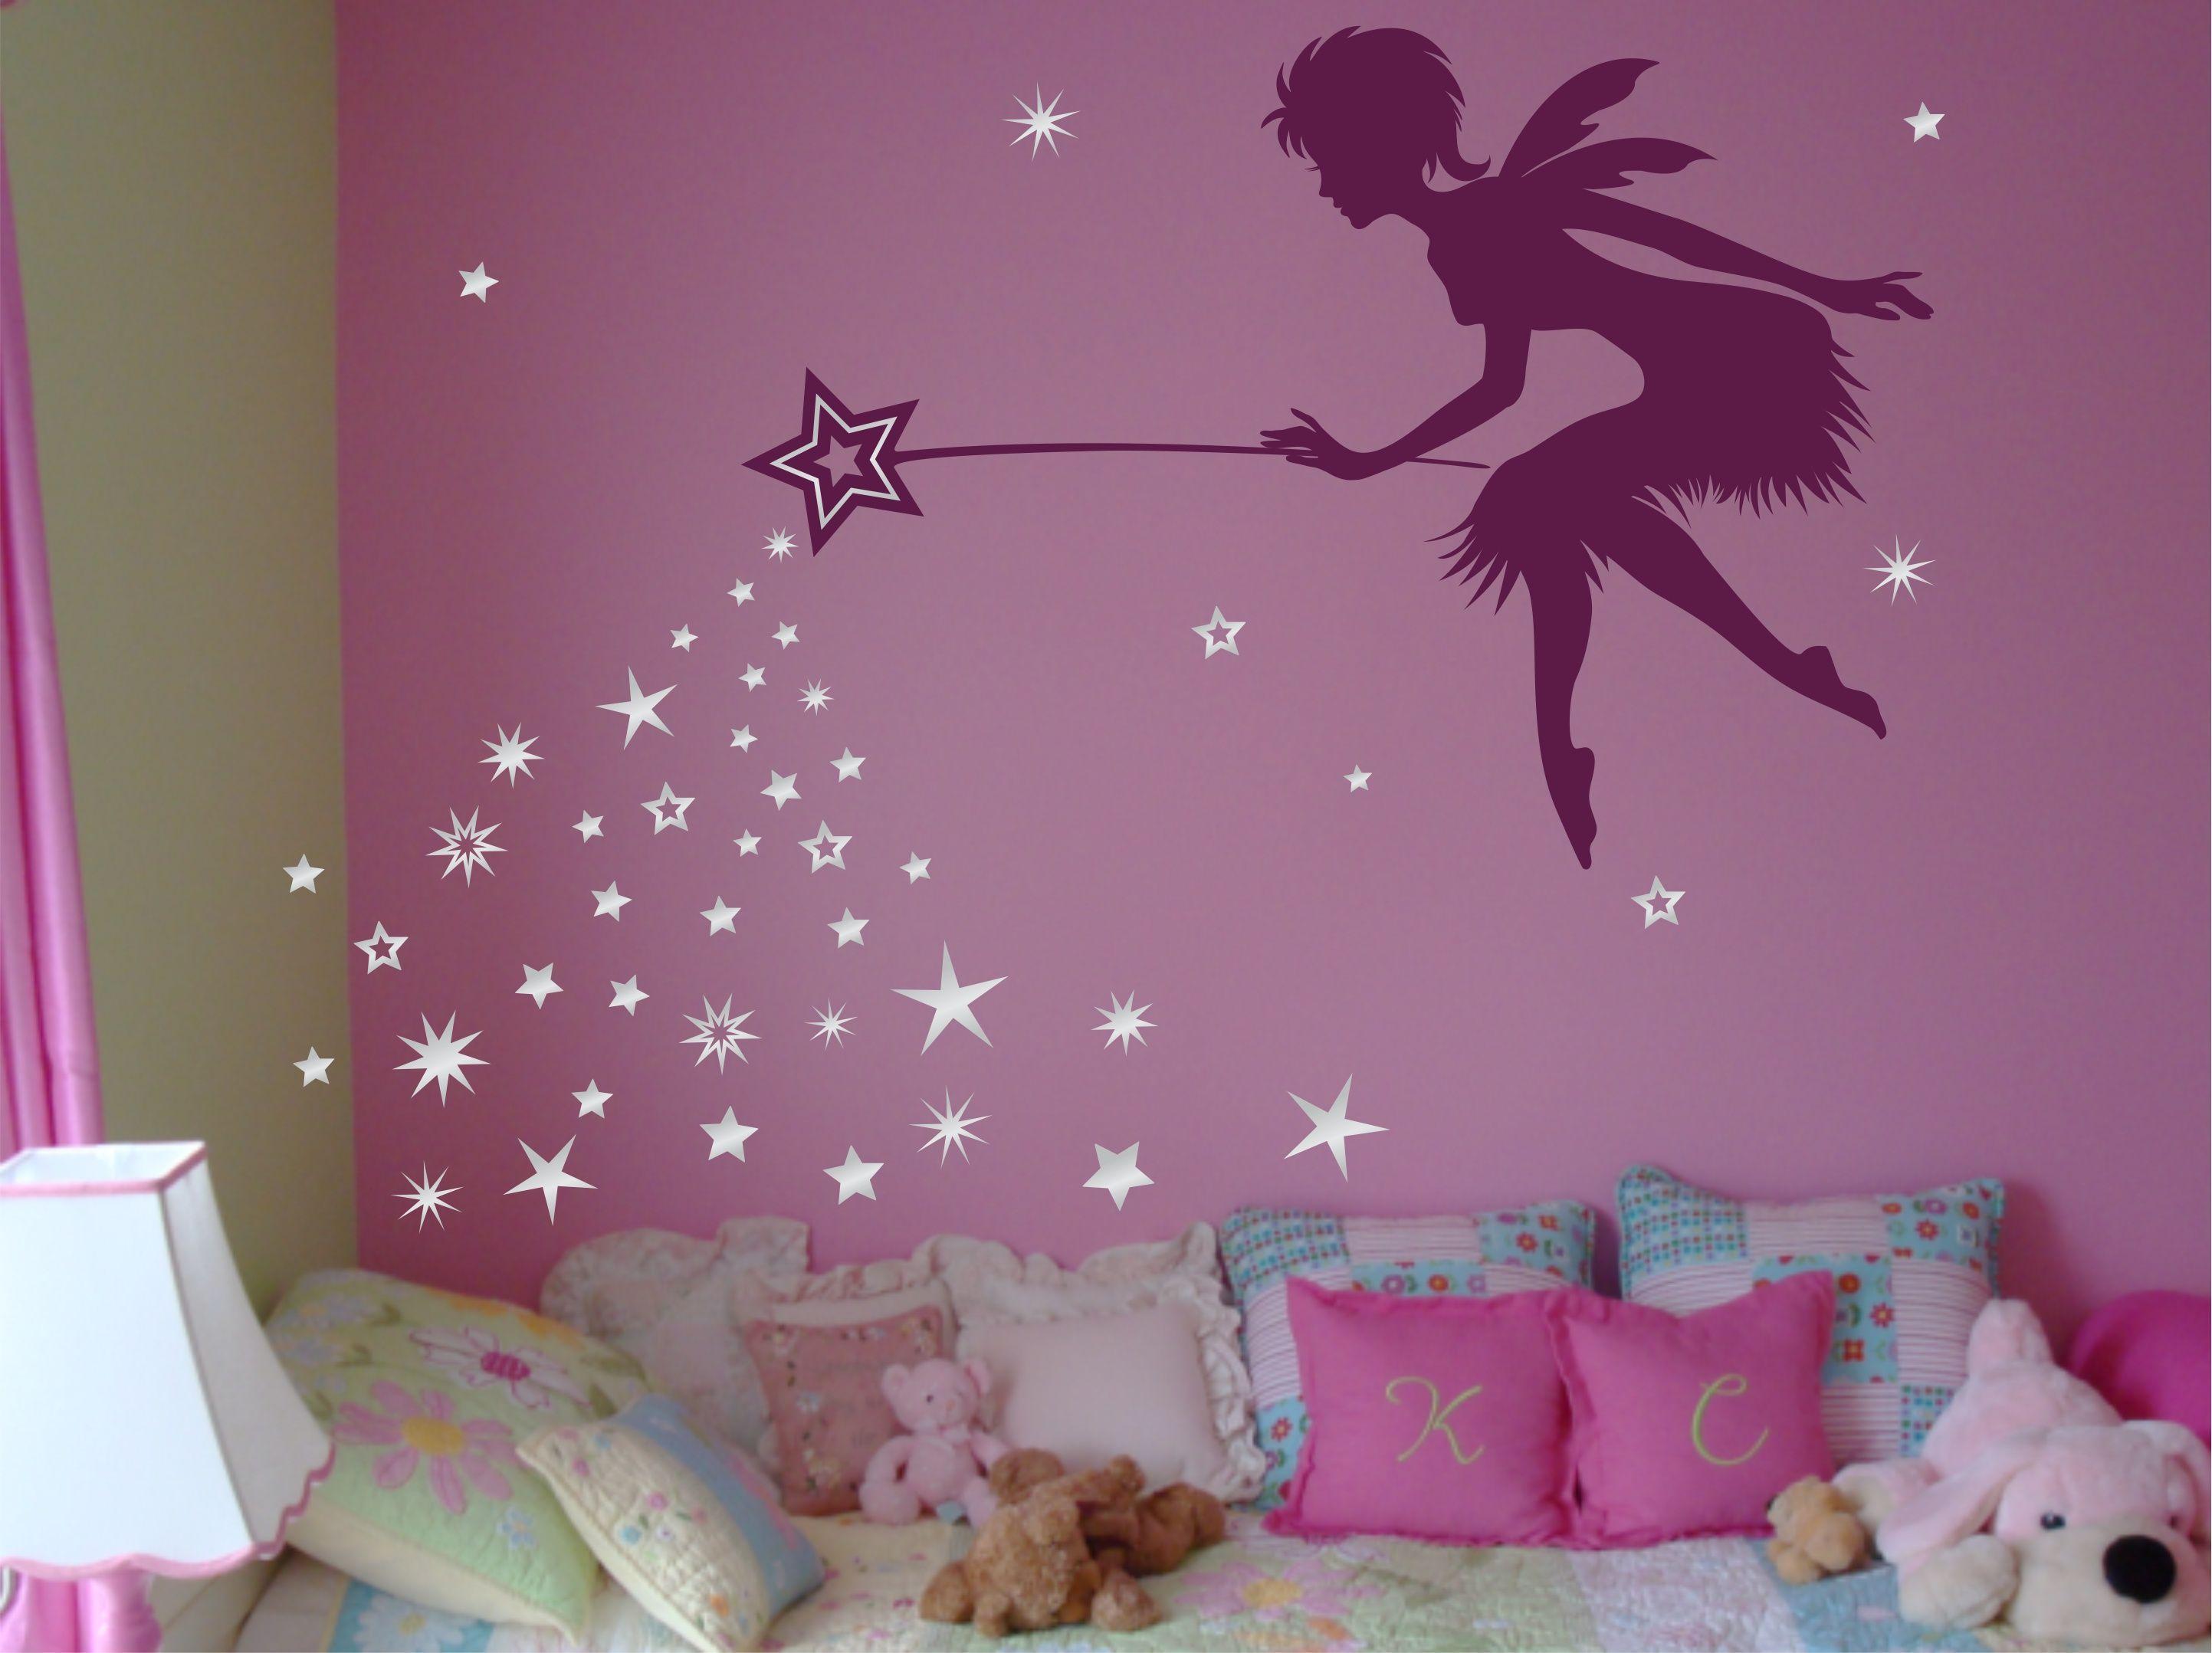 Fairy Art Fairy Decor Pixie Dust Star Wand Wall Decal Tinkerbell